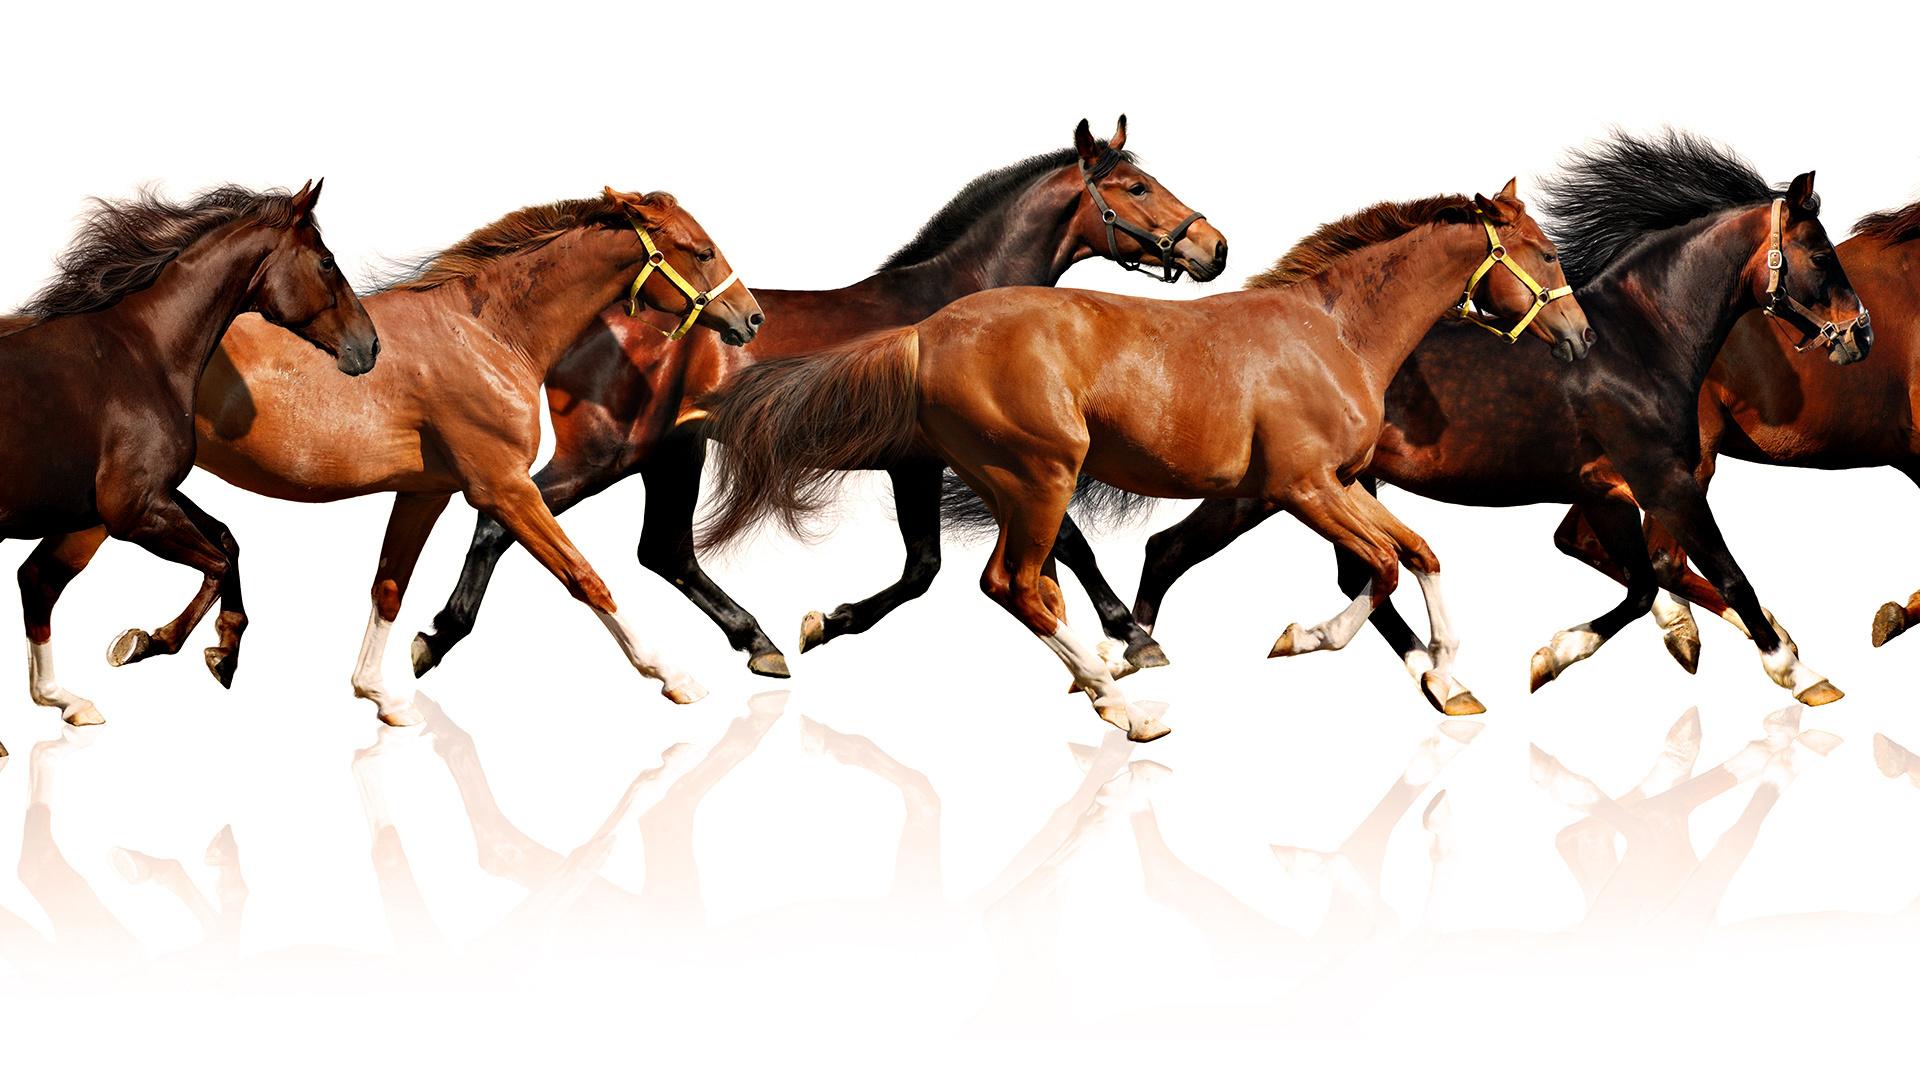 Seven White Running Horses Wallpaper